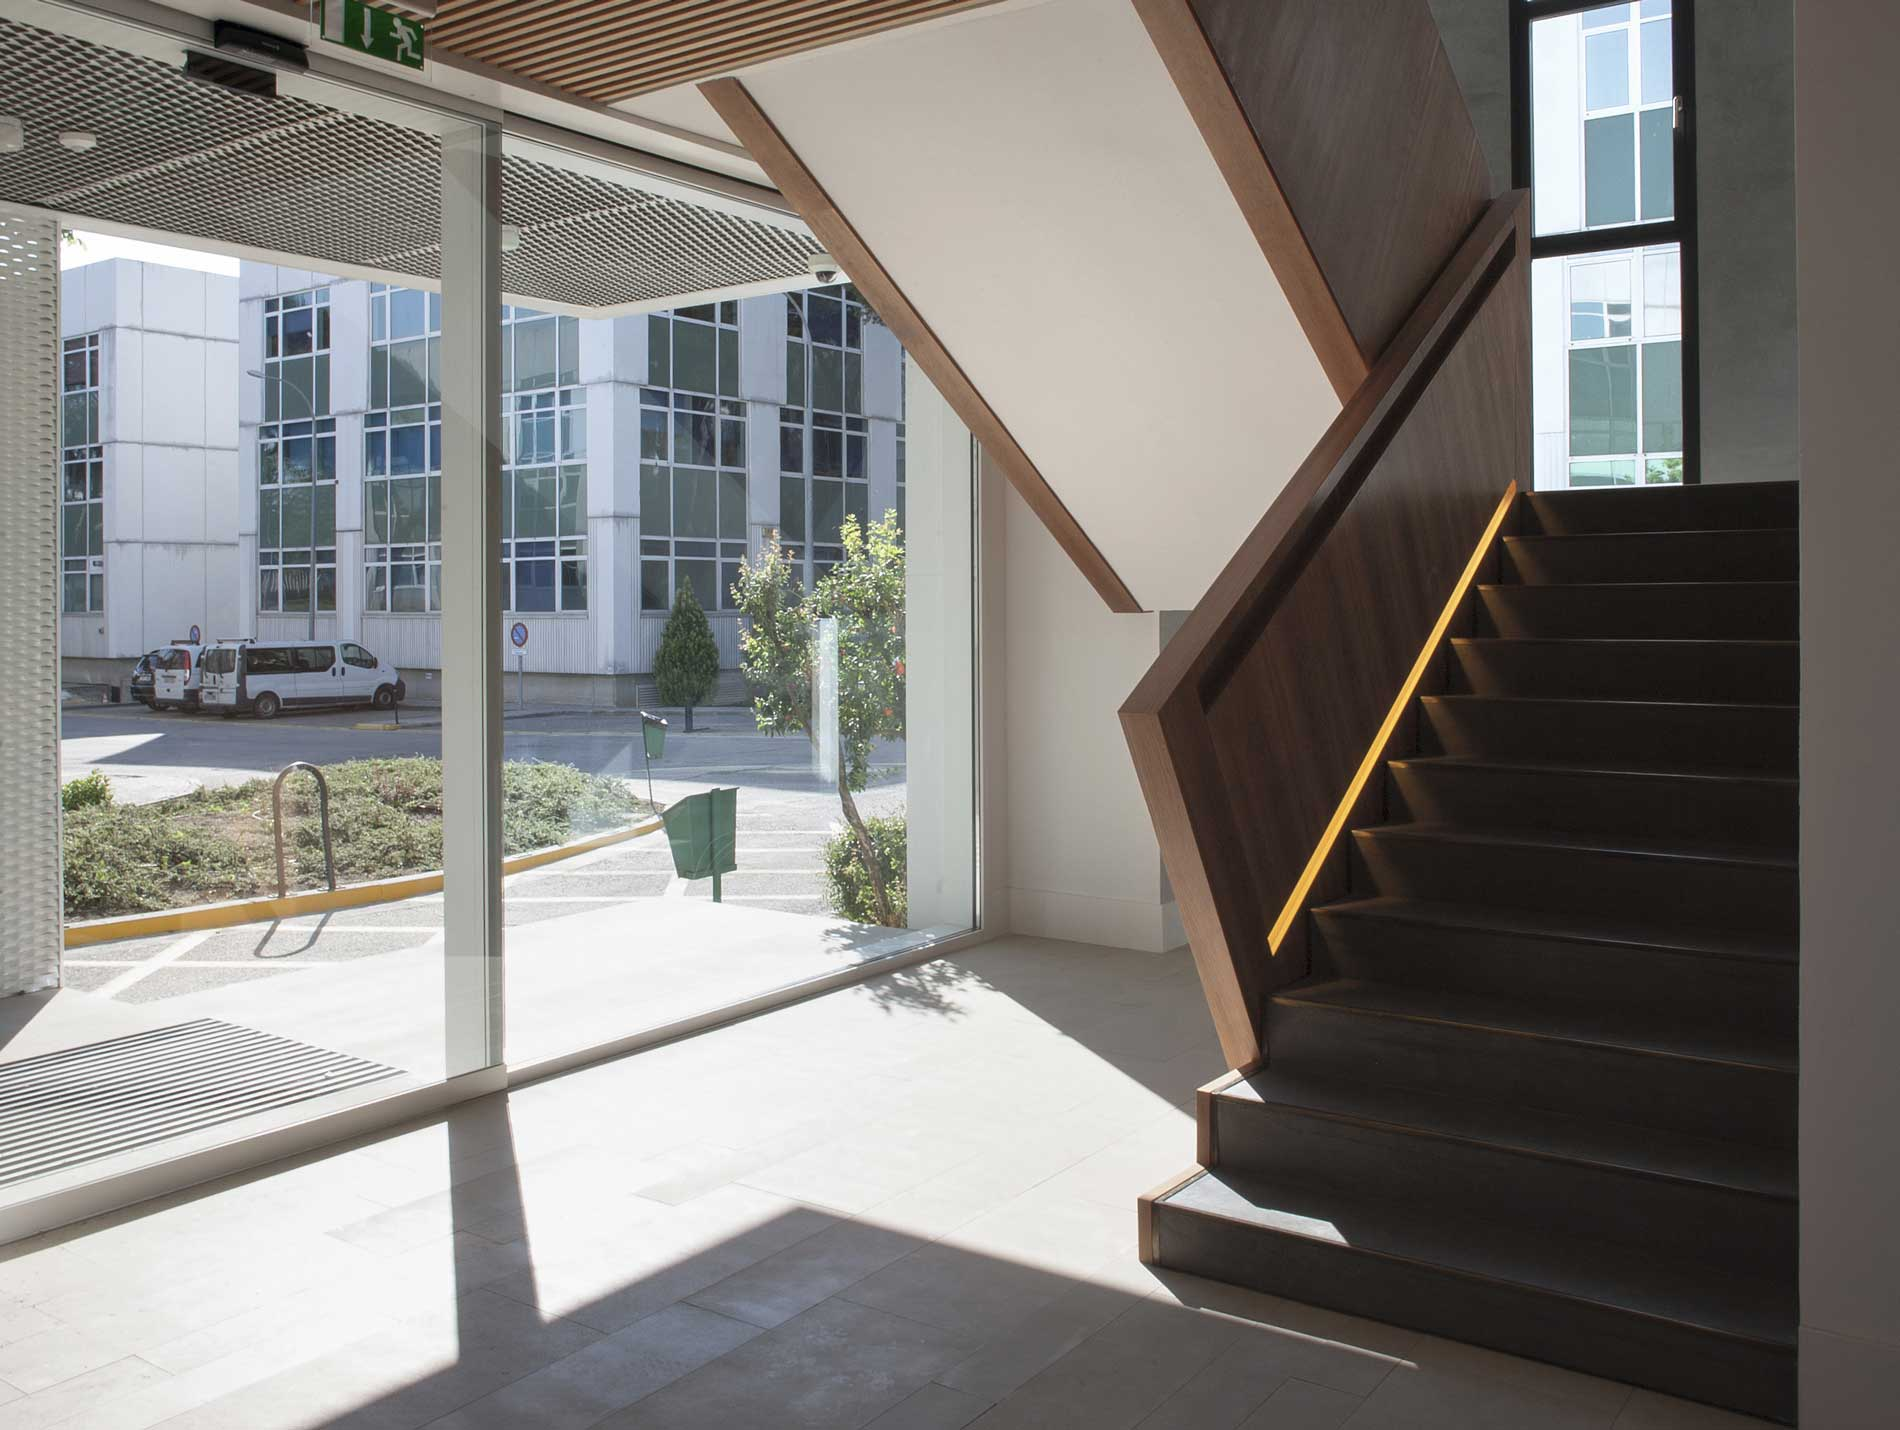 que conectan dotando a las oficinas de la mxima iluminacin natural en cada uno de los espacios de trabajo uclas ventanas se han